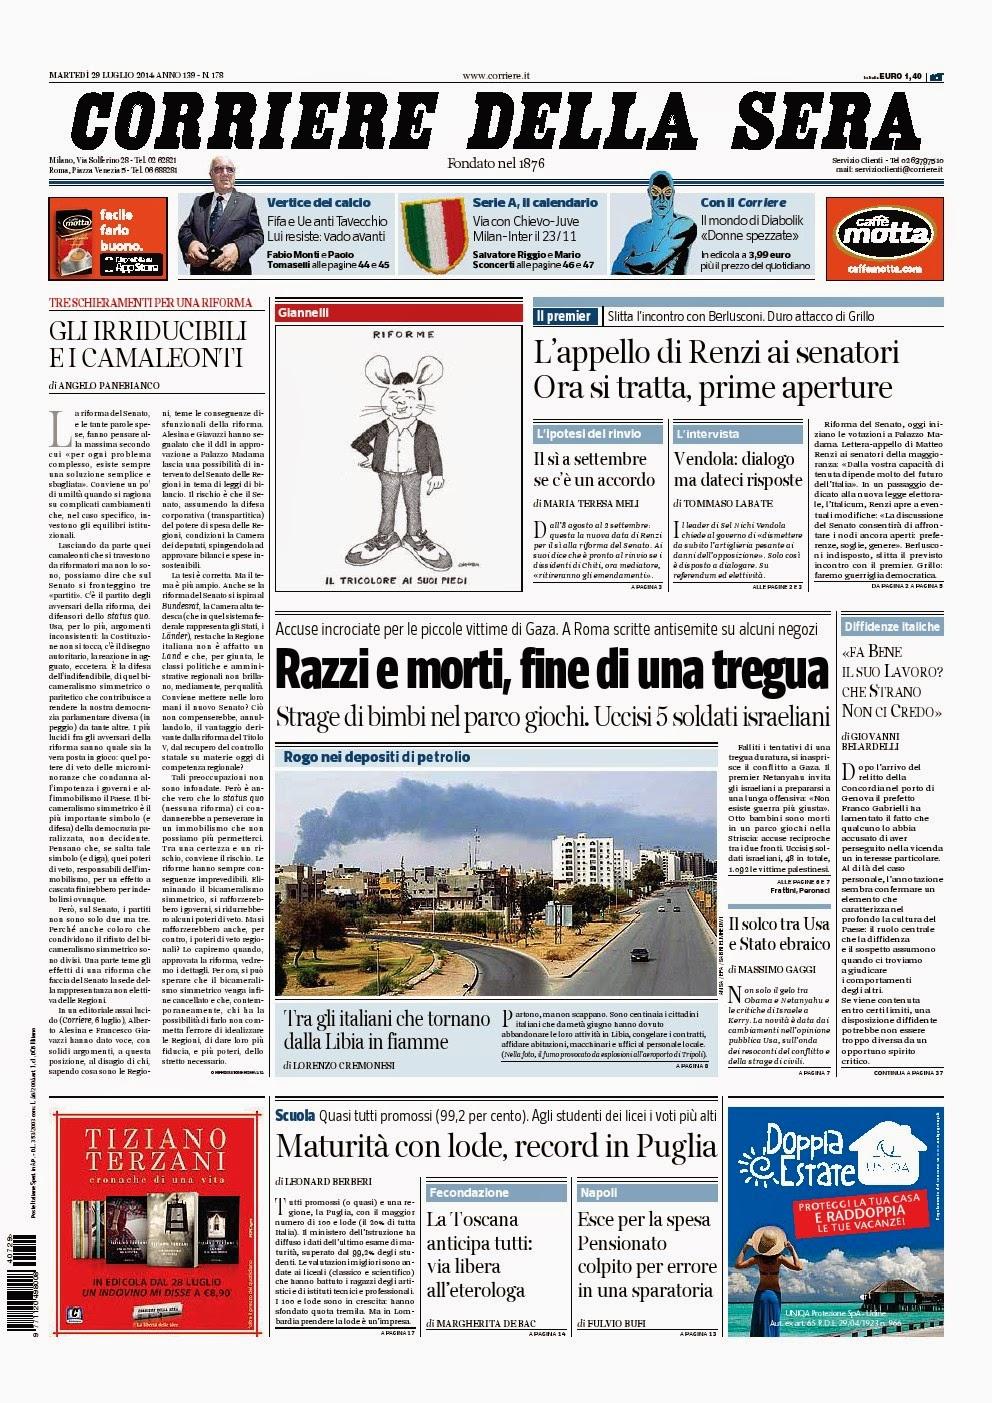 Il corriere della sera del 29 luglio 2014 editalia for Corriere della sera arredamento